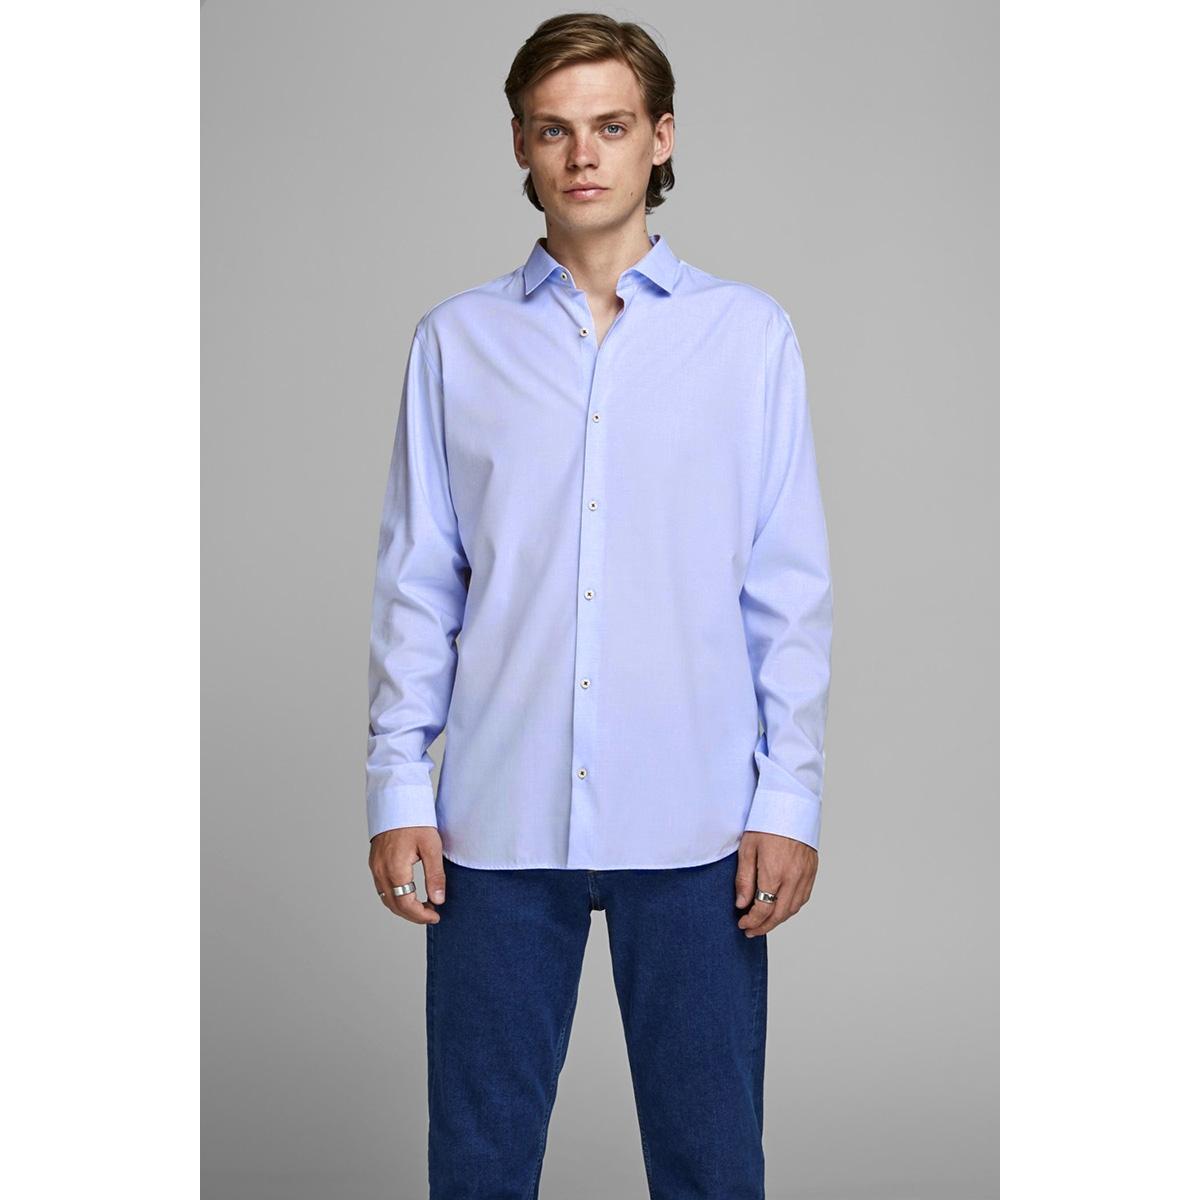 jprvictor shirt l/s noos 12158304 jack & jones overhemd cashmere blue/slim fit